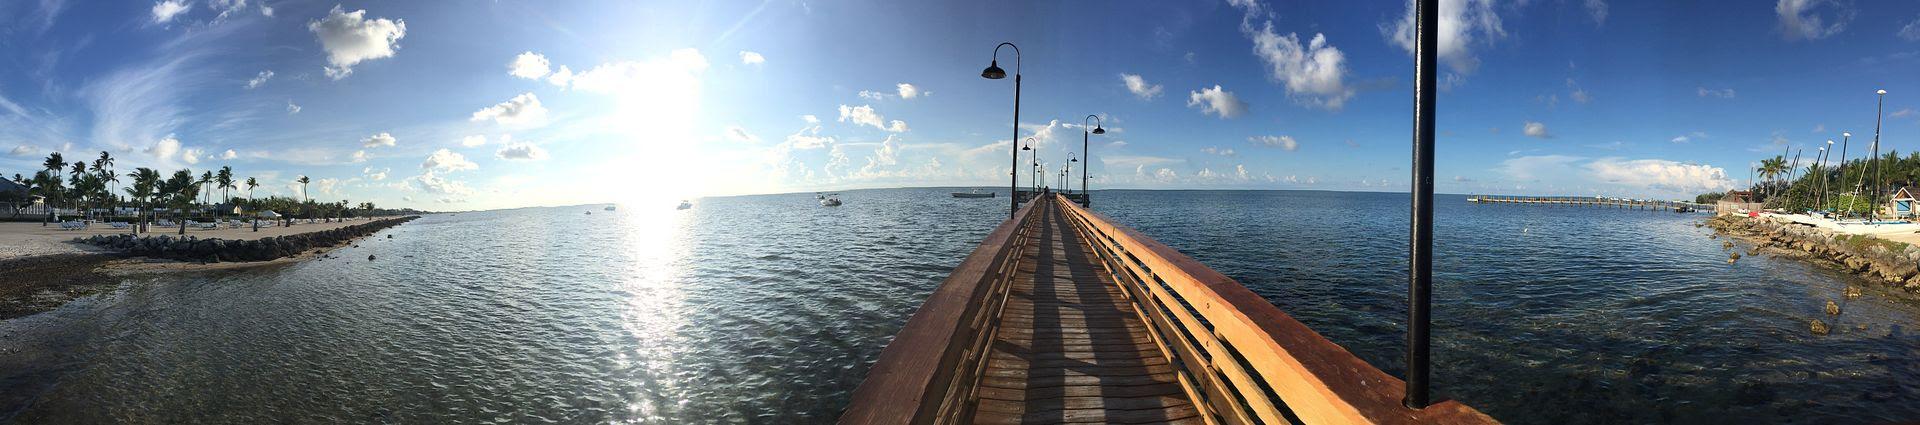 Guy Harvey Islander Resort